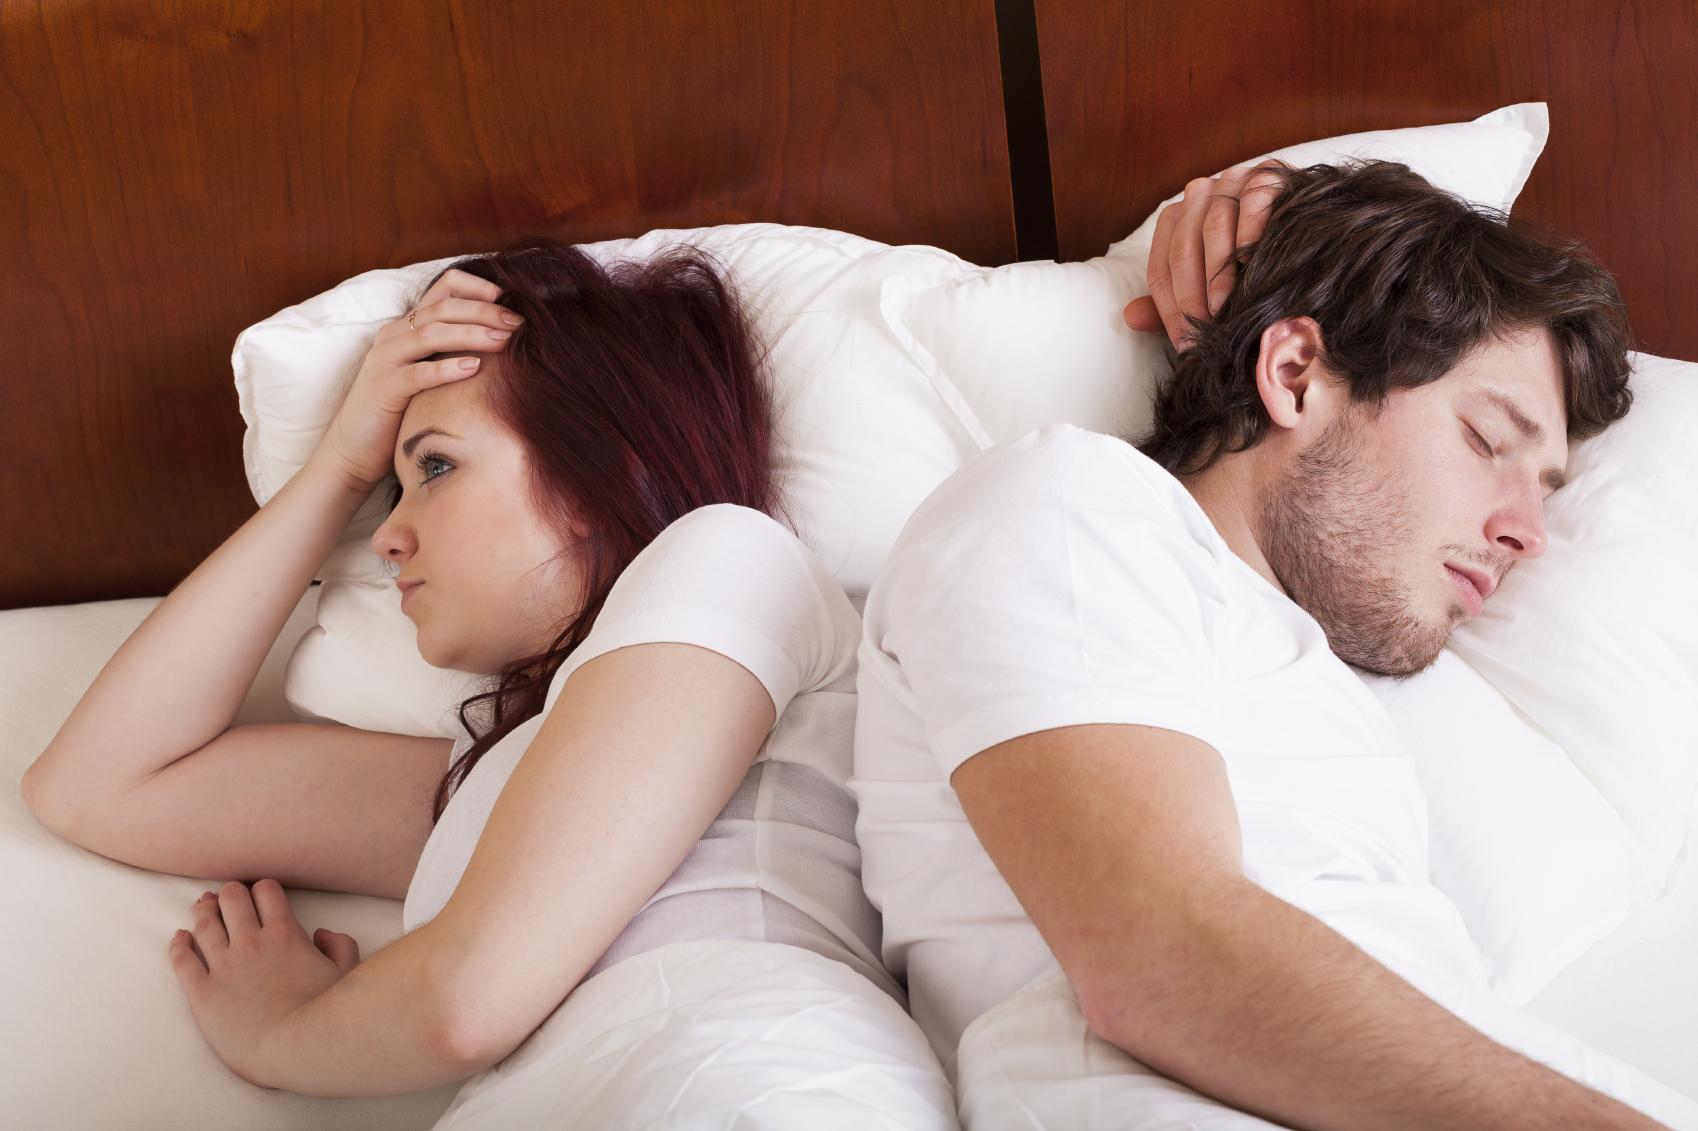 Hvordan får jeg min kæreste til at sætte ord på sine følelser?